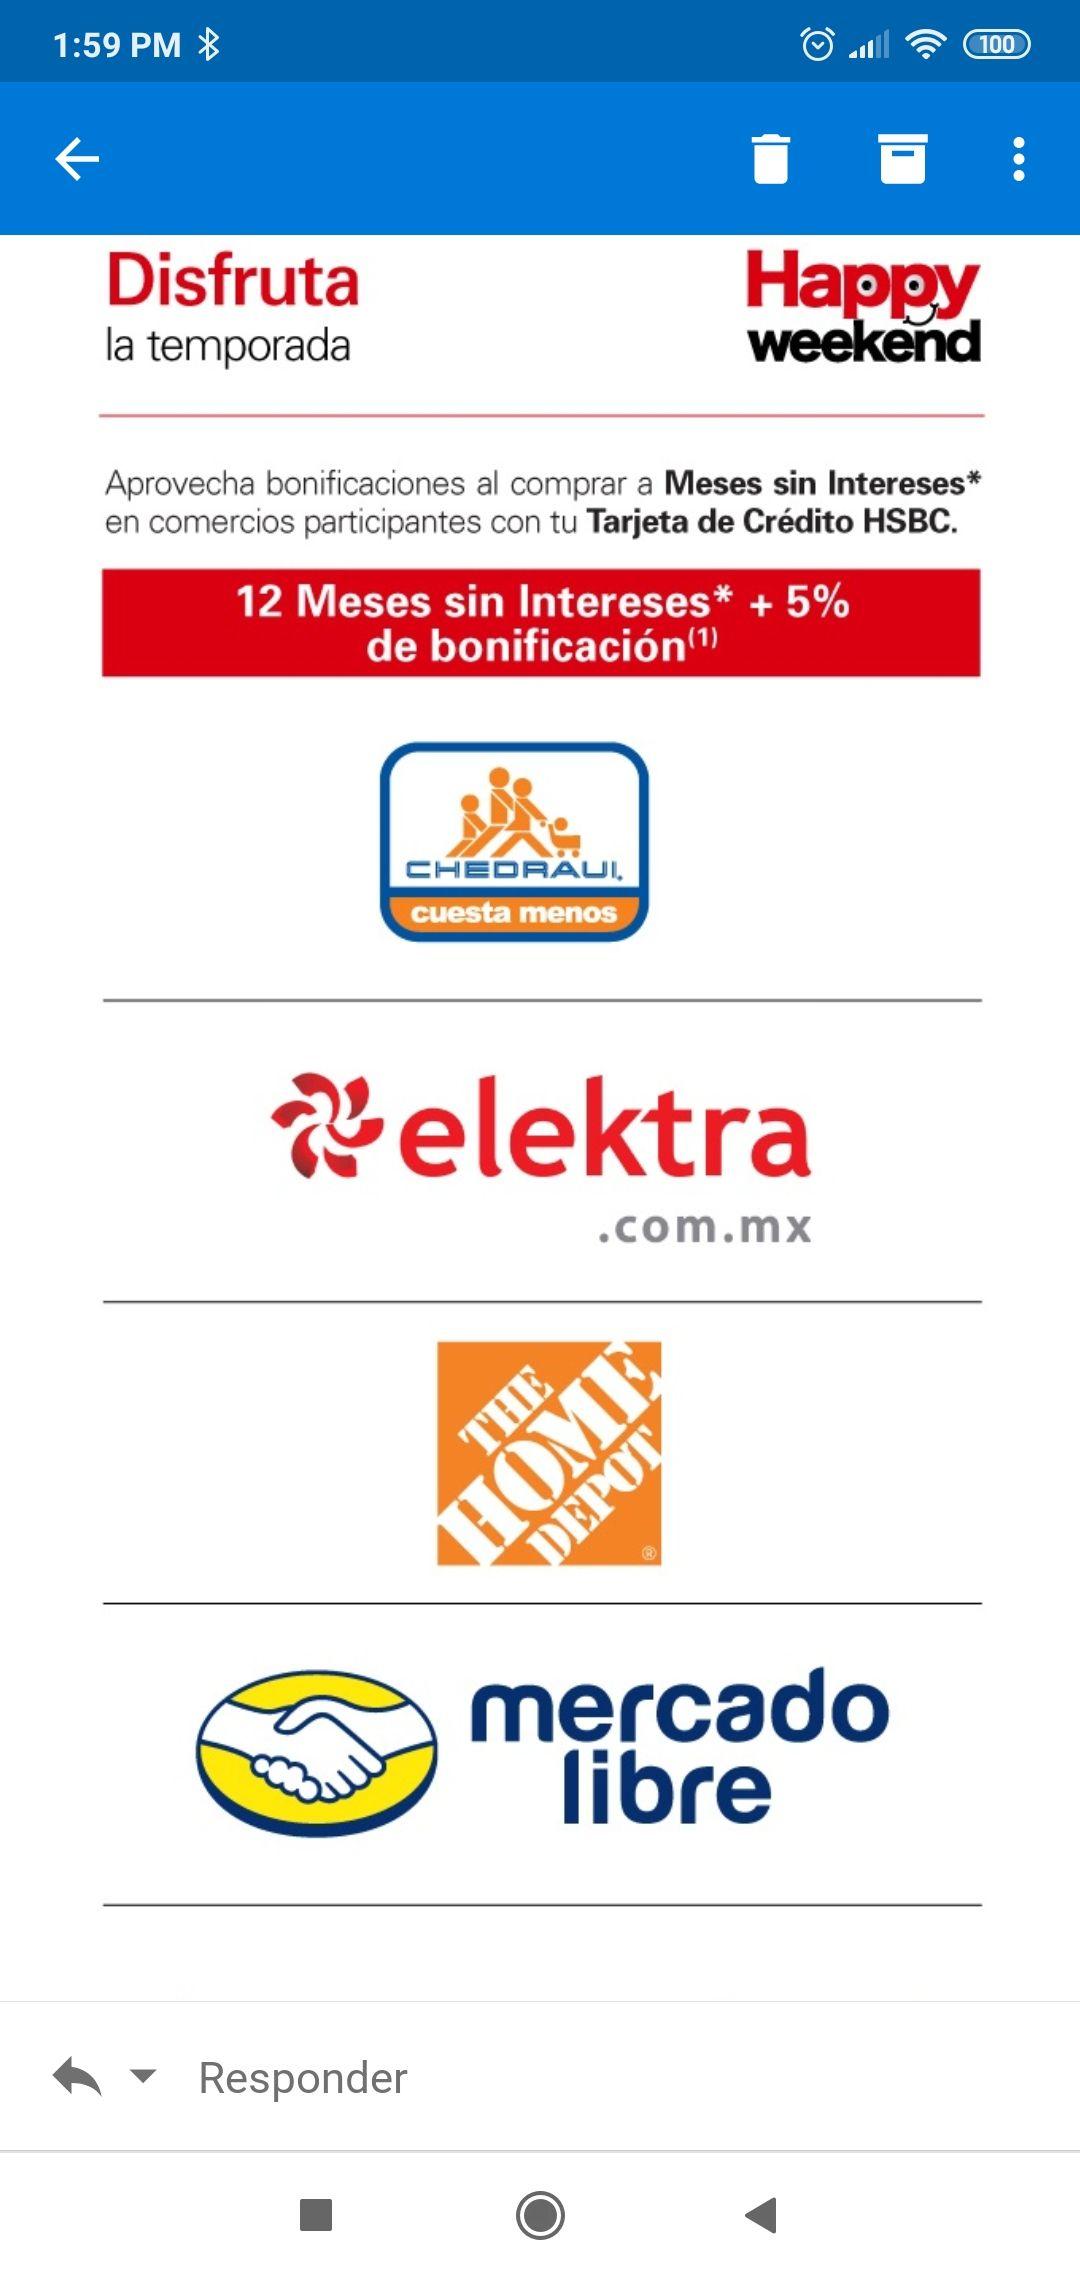 HSBC: 5% bonificacion Mercado libre, Elektra, Bestday, etc.